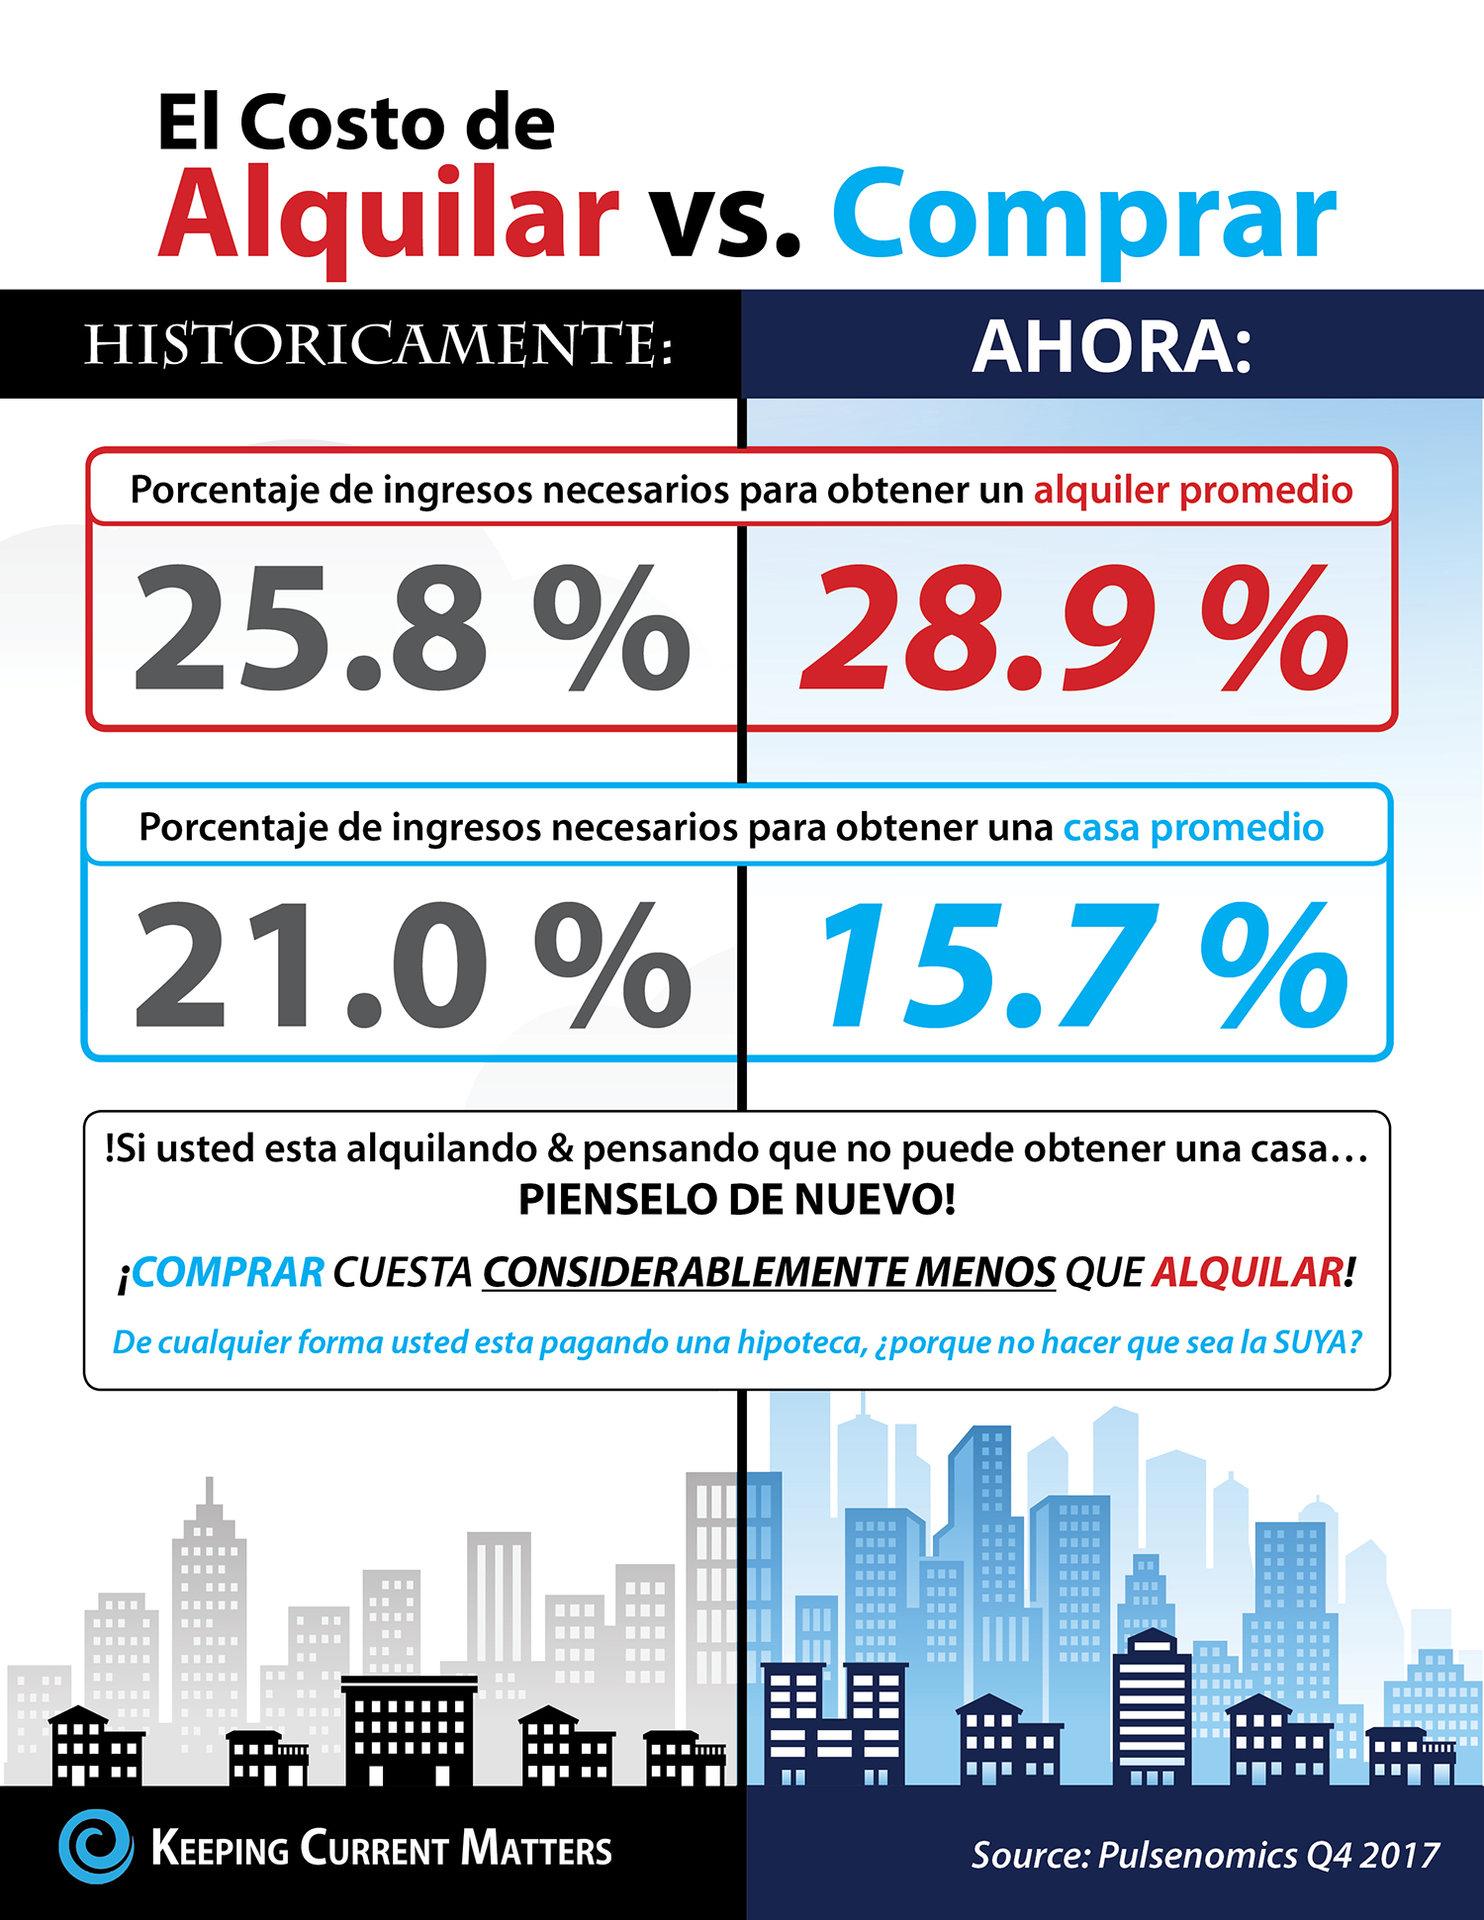 El costo de alquilar vs. comprar hoy [infografía] | Keeping Current Matters